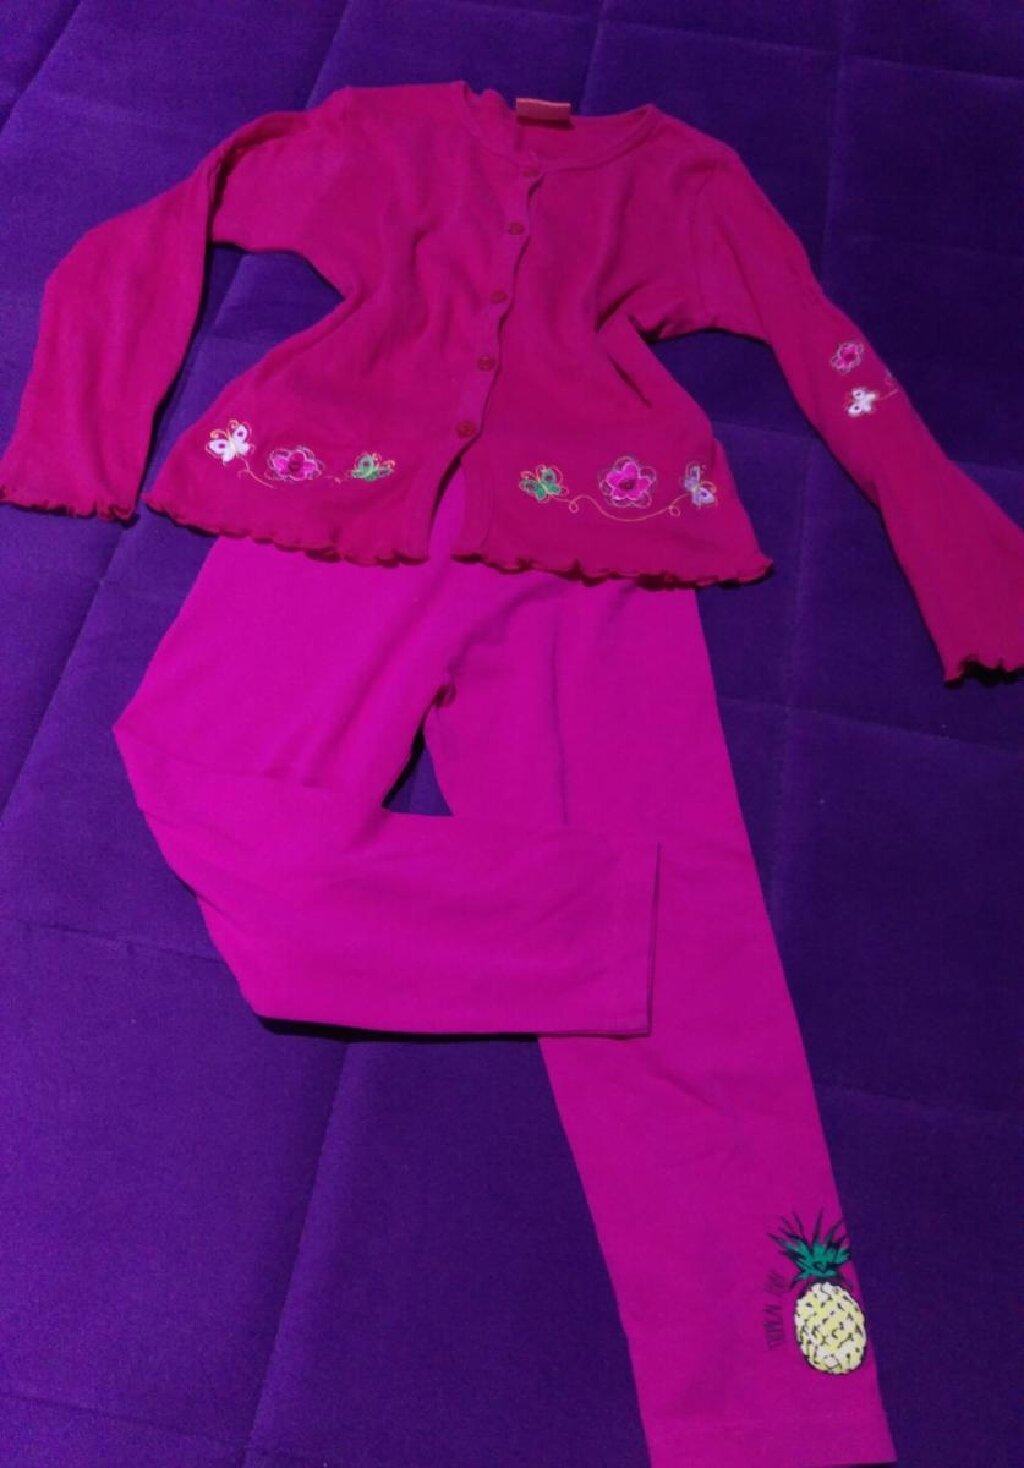 Ostala dečija odeća - Jagodina: Helanke, bluzica nova i majica, velicina 122